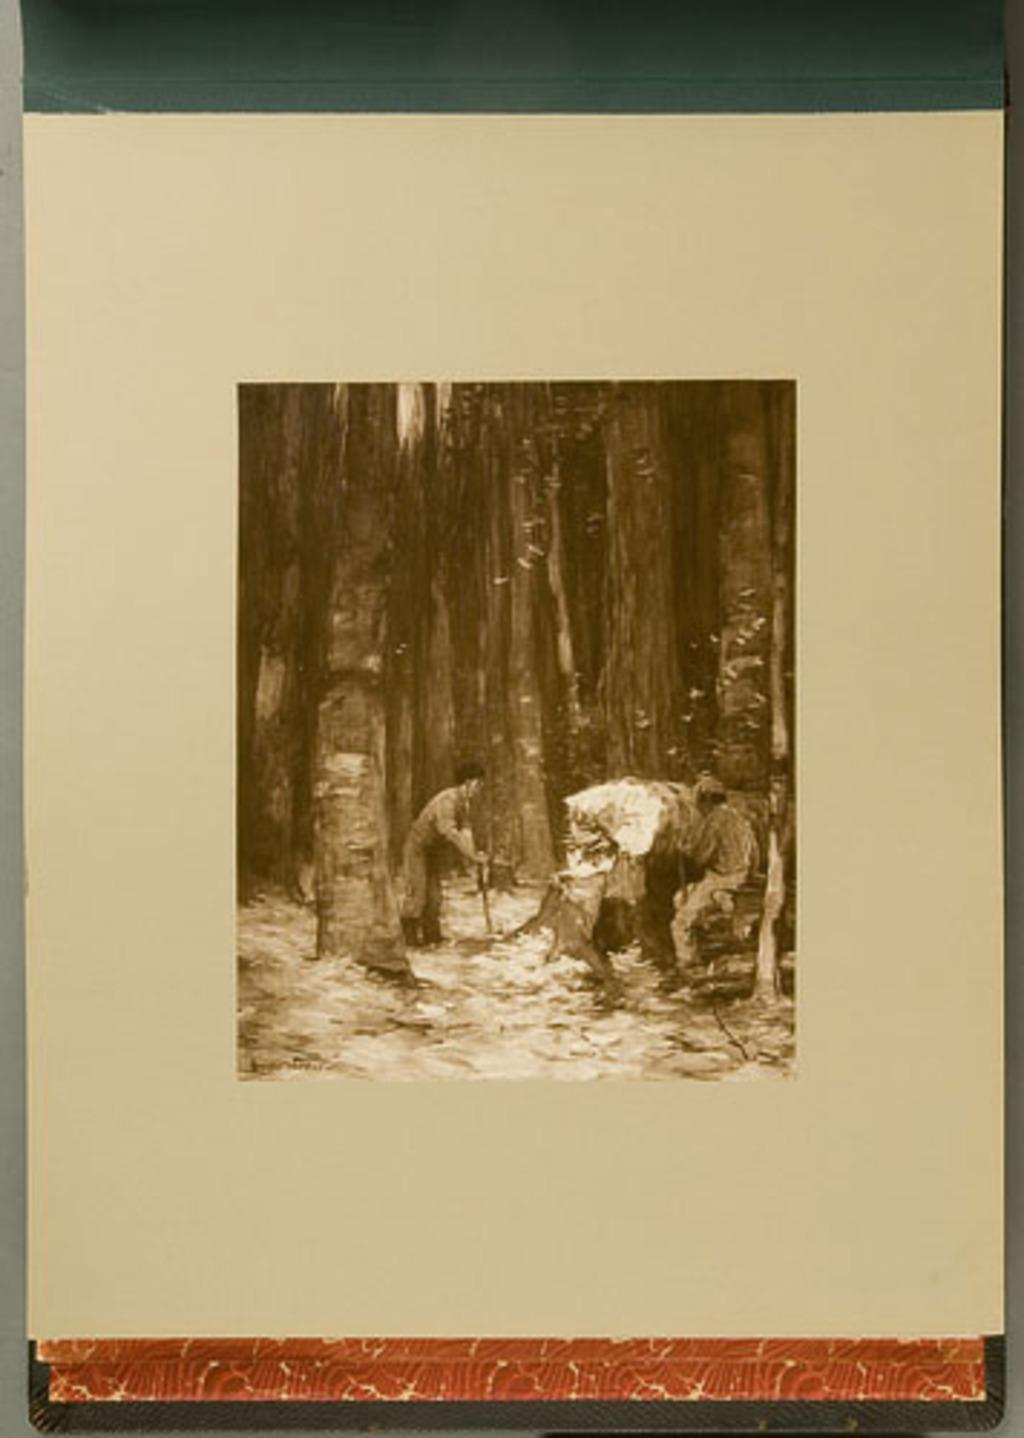 The Felled Tree, de l'album de reproductions de peintures d'Horatio Walker